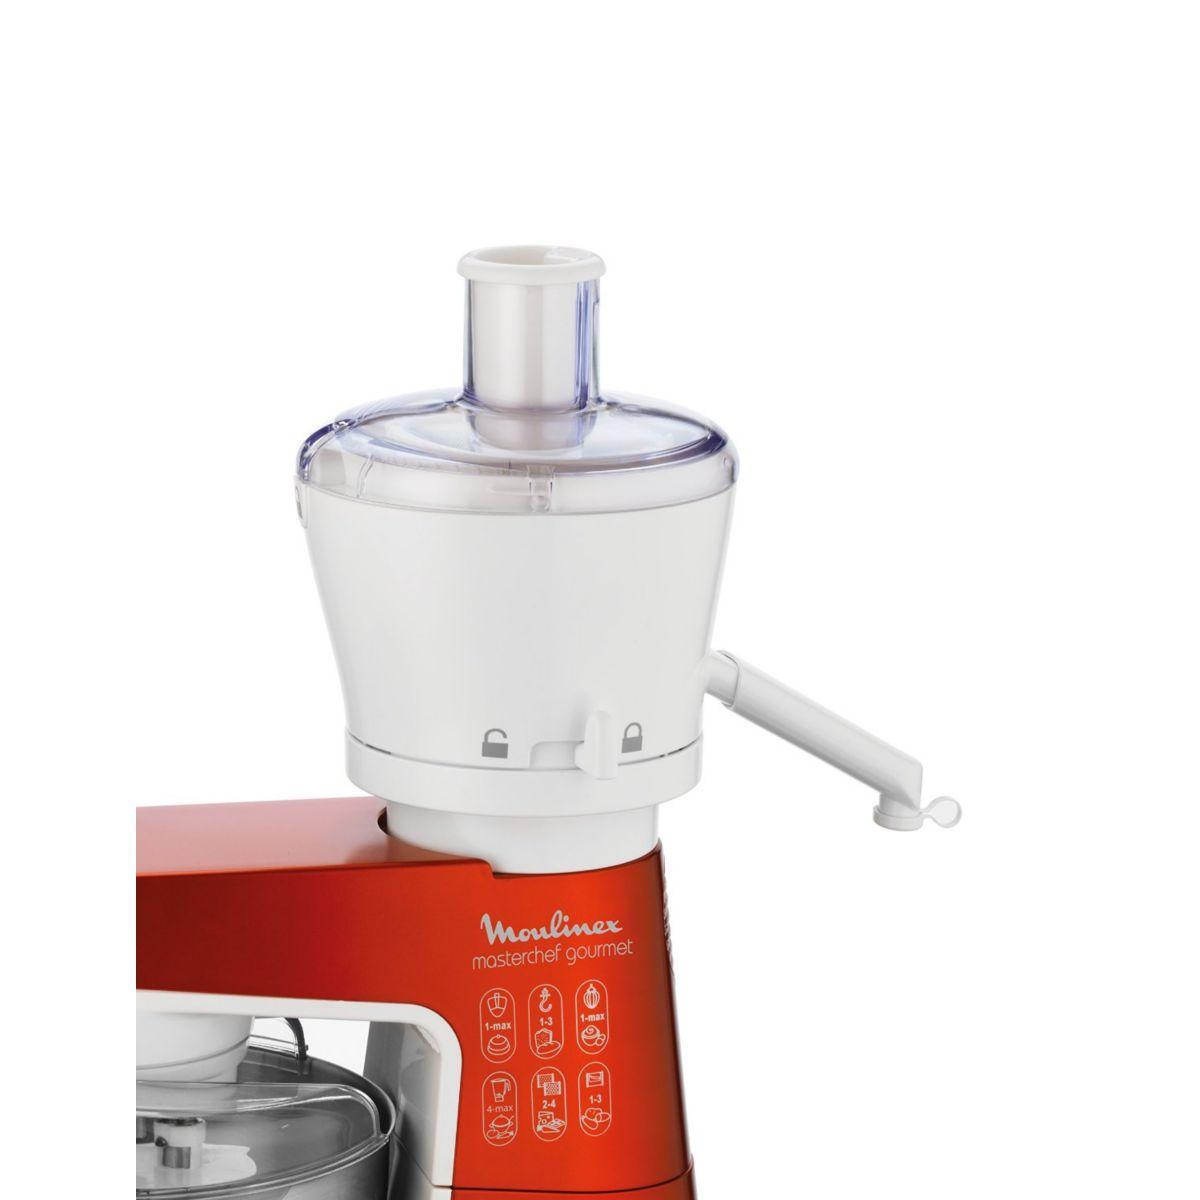 Acc. moulinex centrifugeuse masterchef g - 7% de remise immédiate avec le code : wd7 (photo)